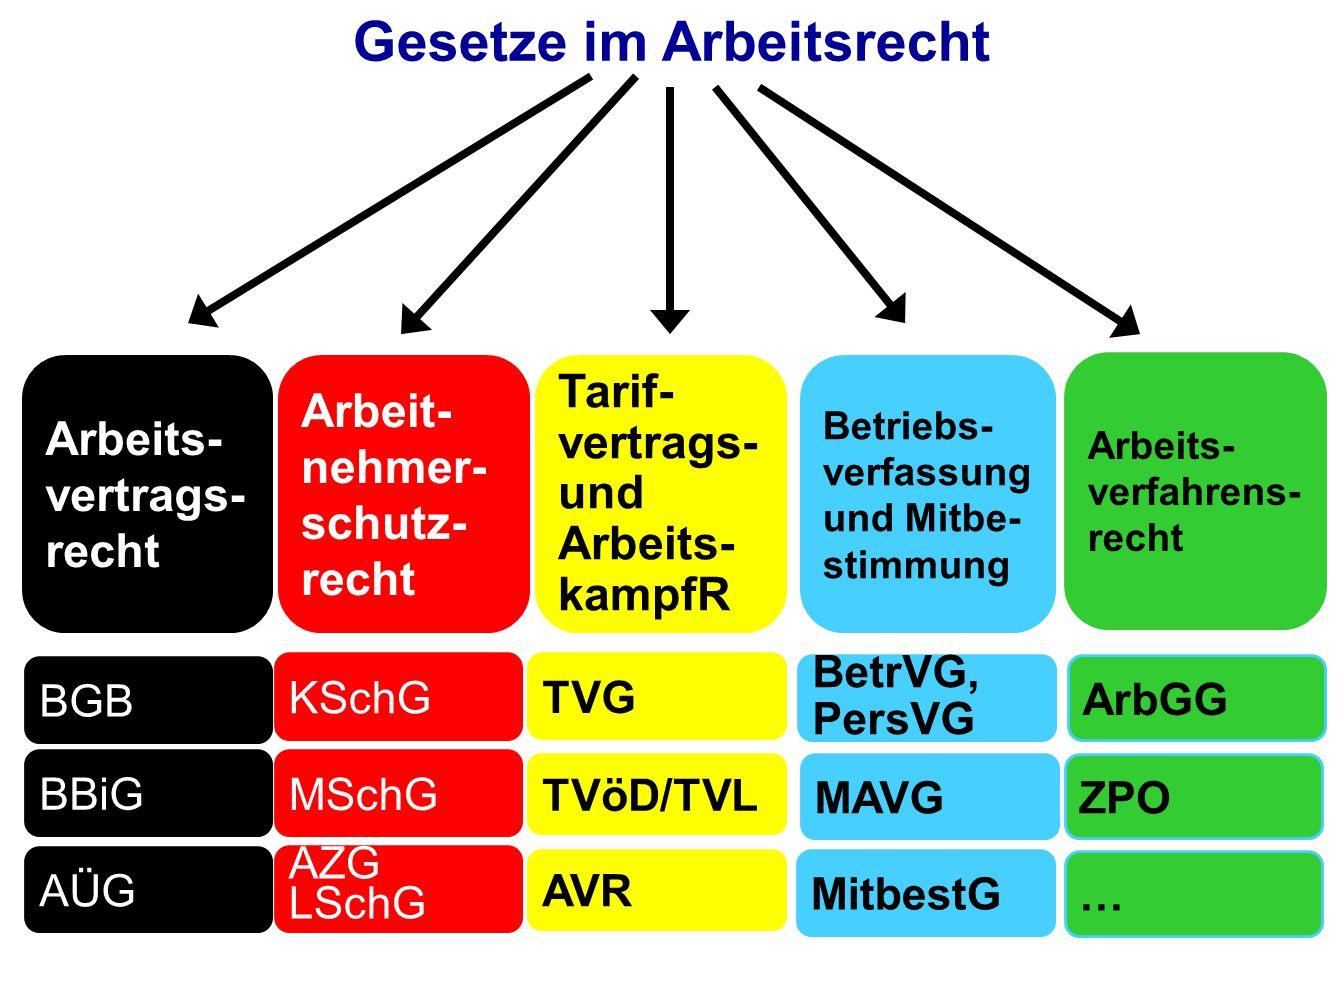 Gesetze im Arbeitsrecht BGB KSchG TVG Arbeits- vertrags- recht Arbeit- nehmer- schutz- recht Tarif- vertrags- und Arbeits- kampfR BBiG AÜG MSchG AZG L